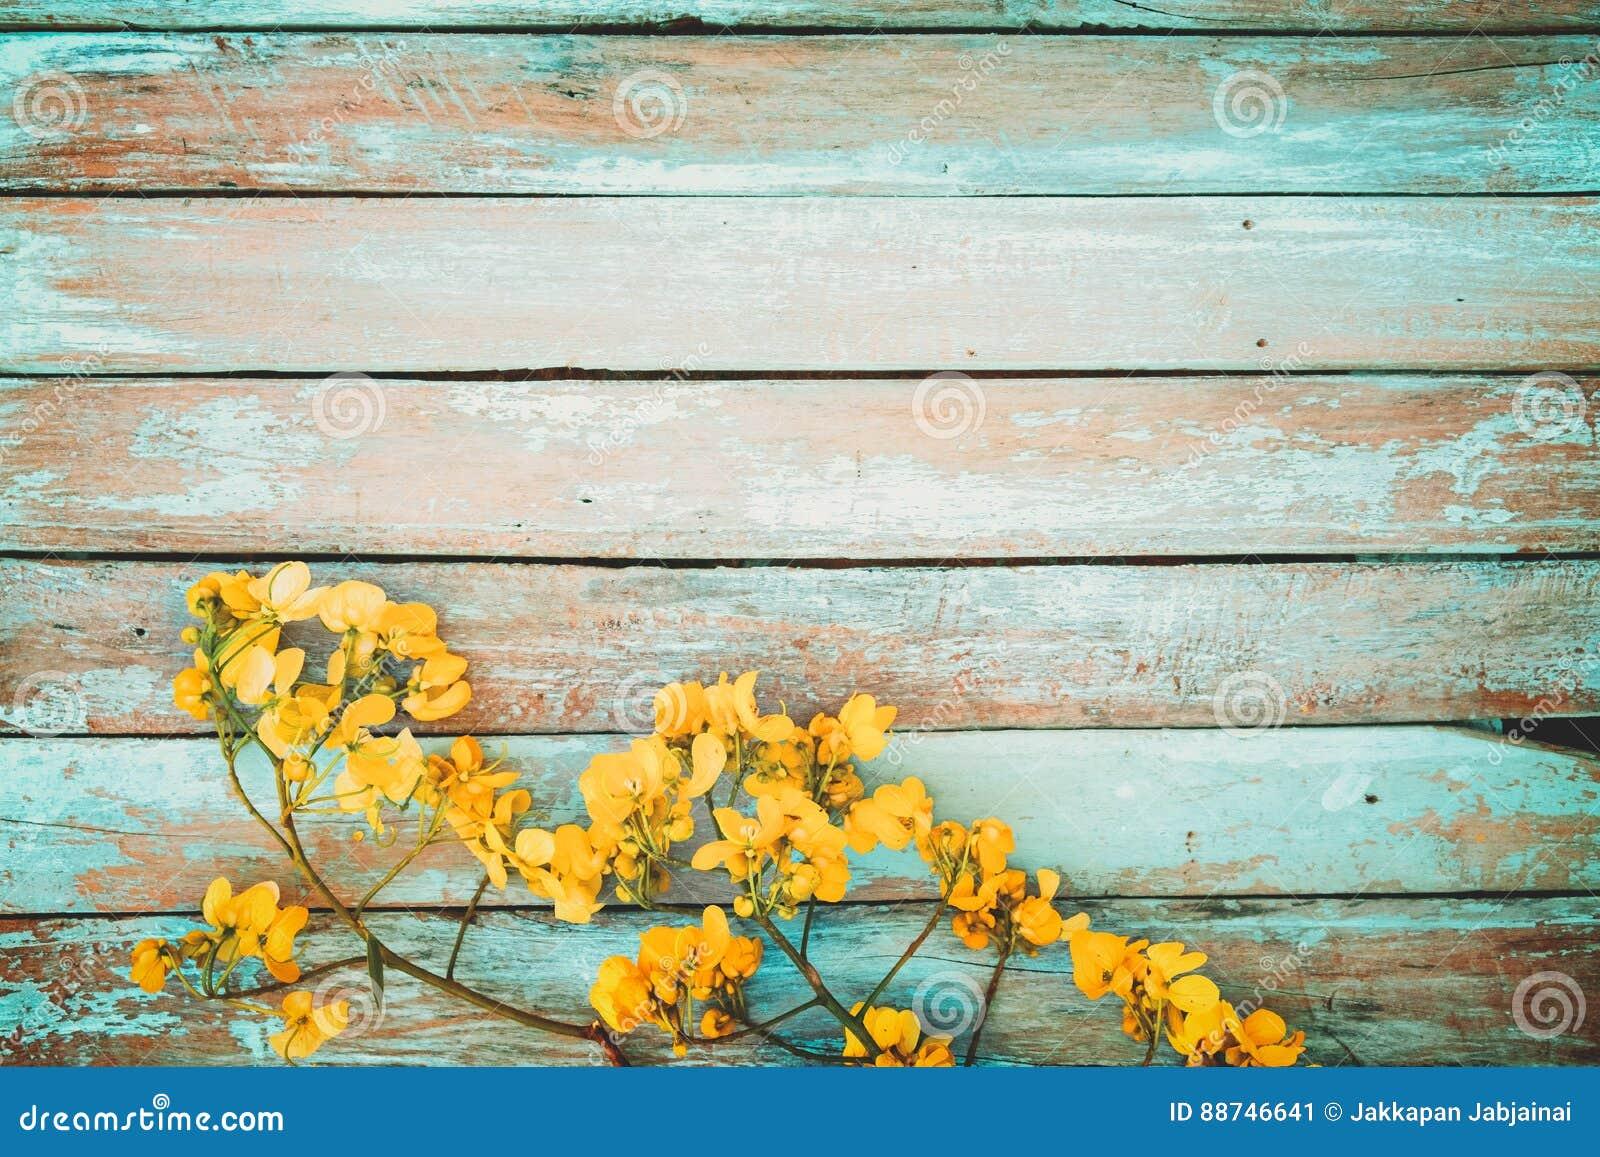 Fondo De Madera Vintage Con Flores Blancas Manzana Y: Flores Amarillas En Fondo De Madera Del Vintage, Imagen De